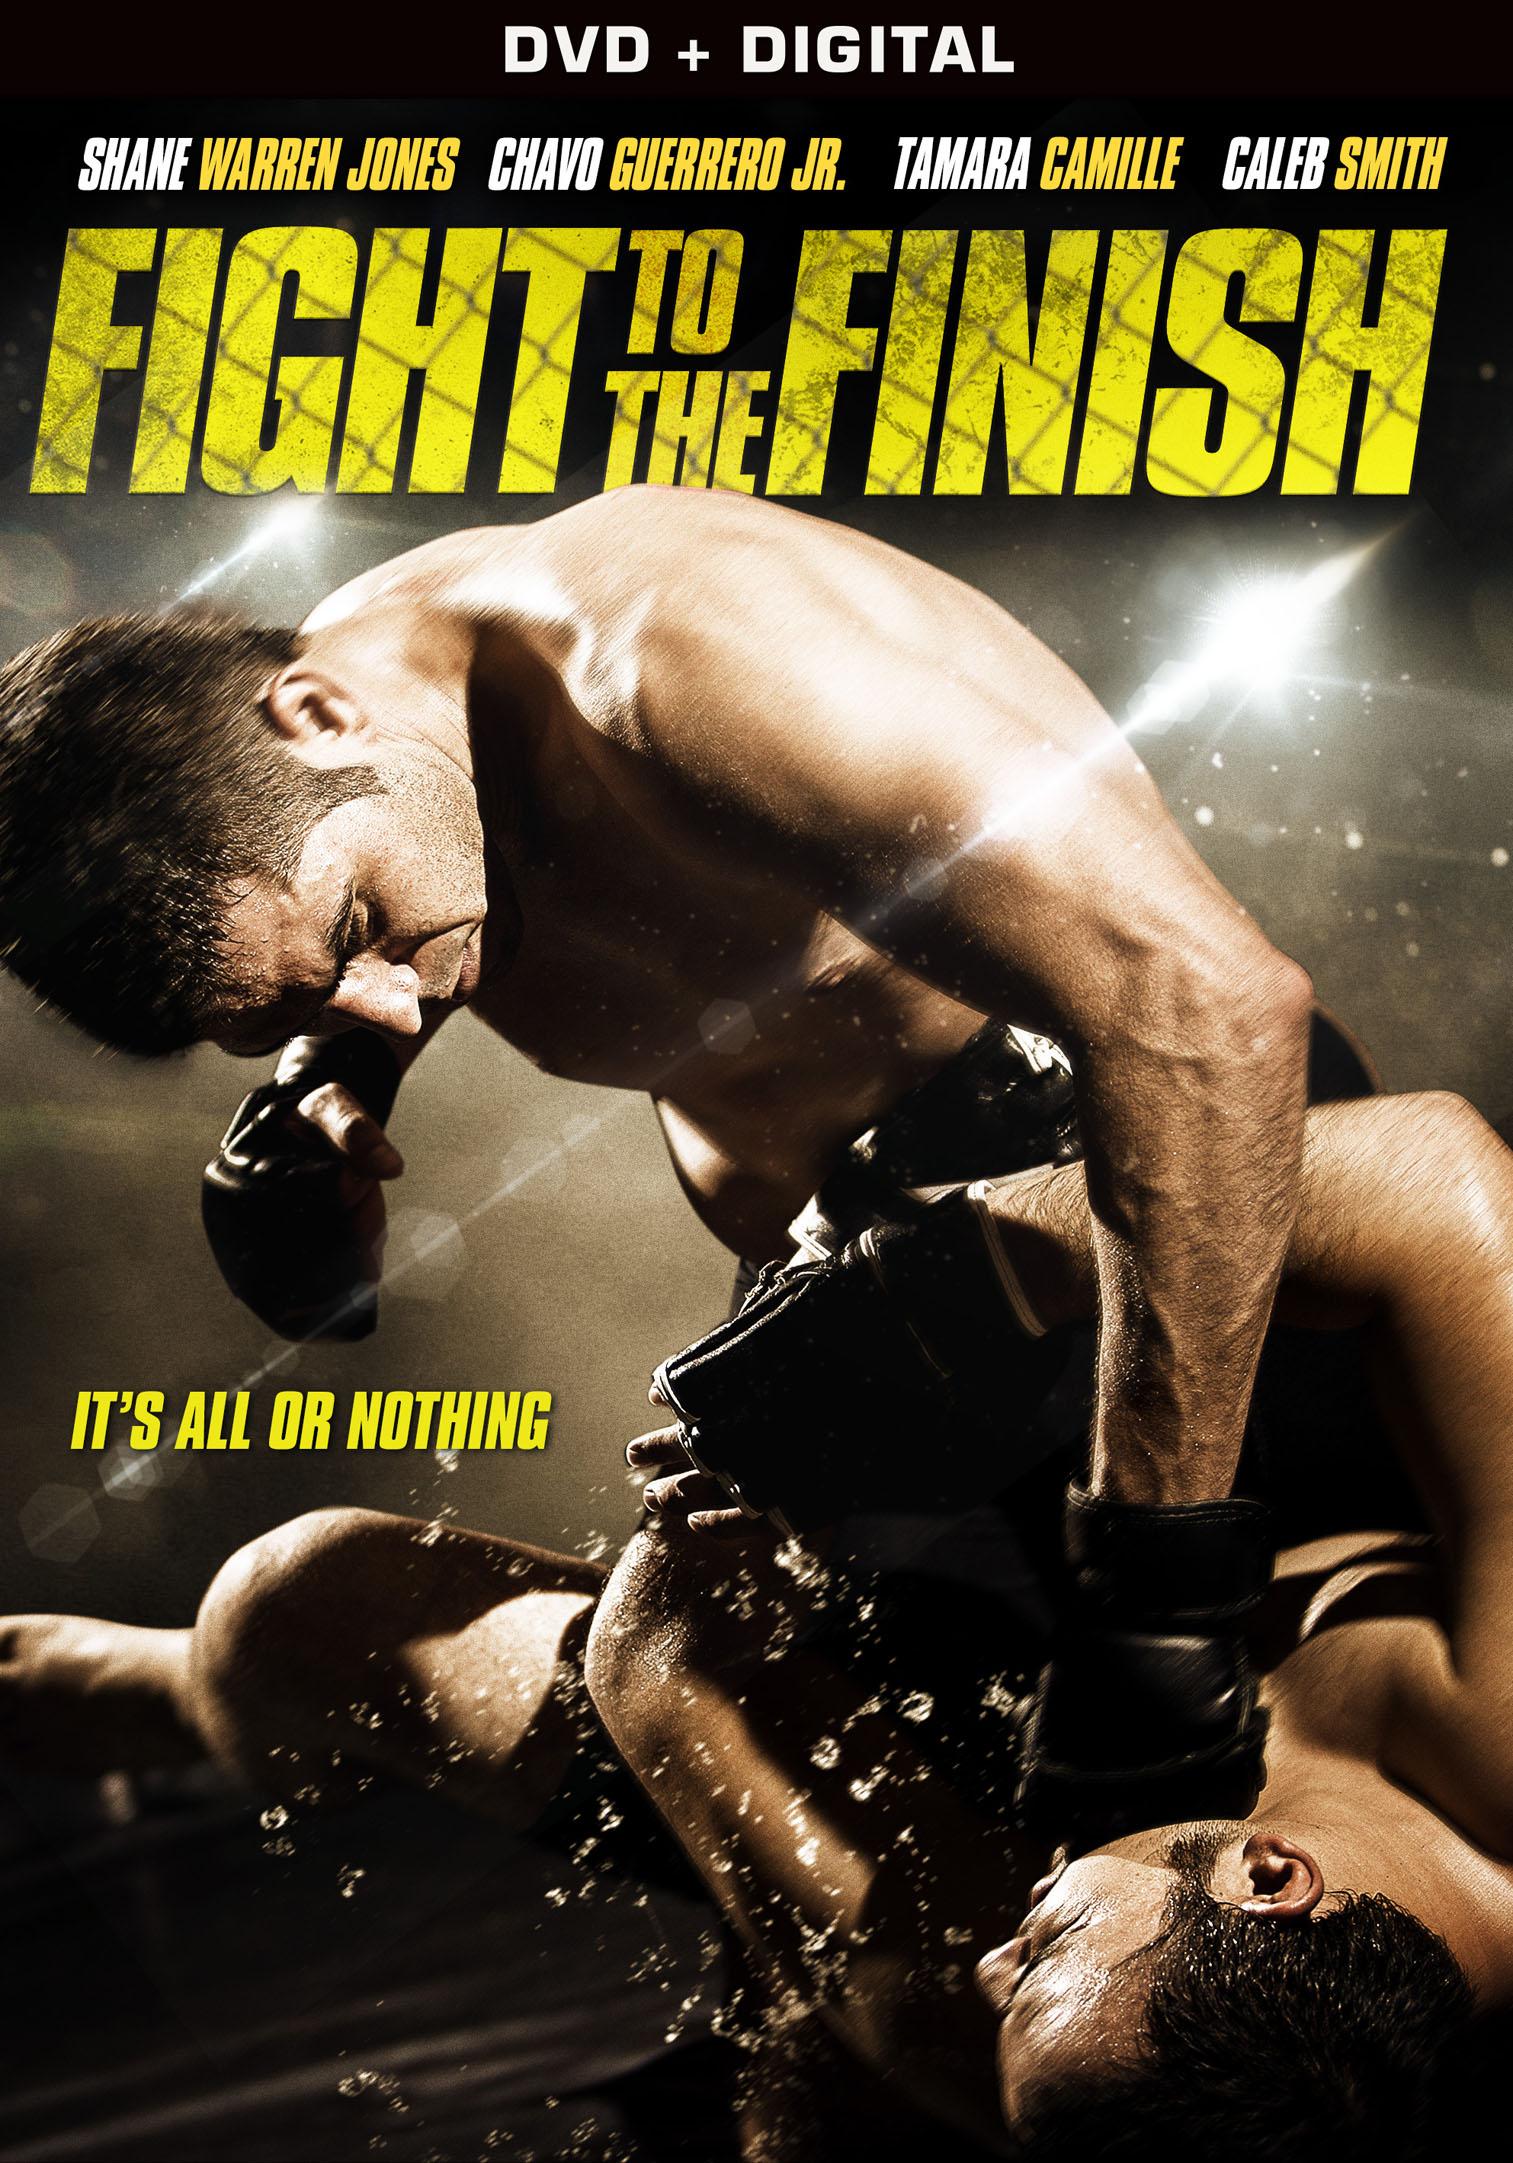 دانلود زیرنویس فارسی فیلم Fight to the Finish